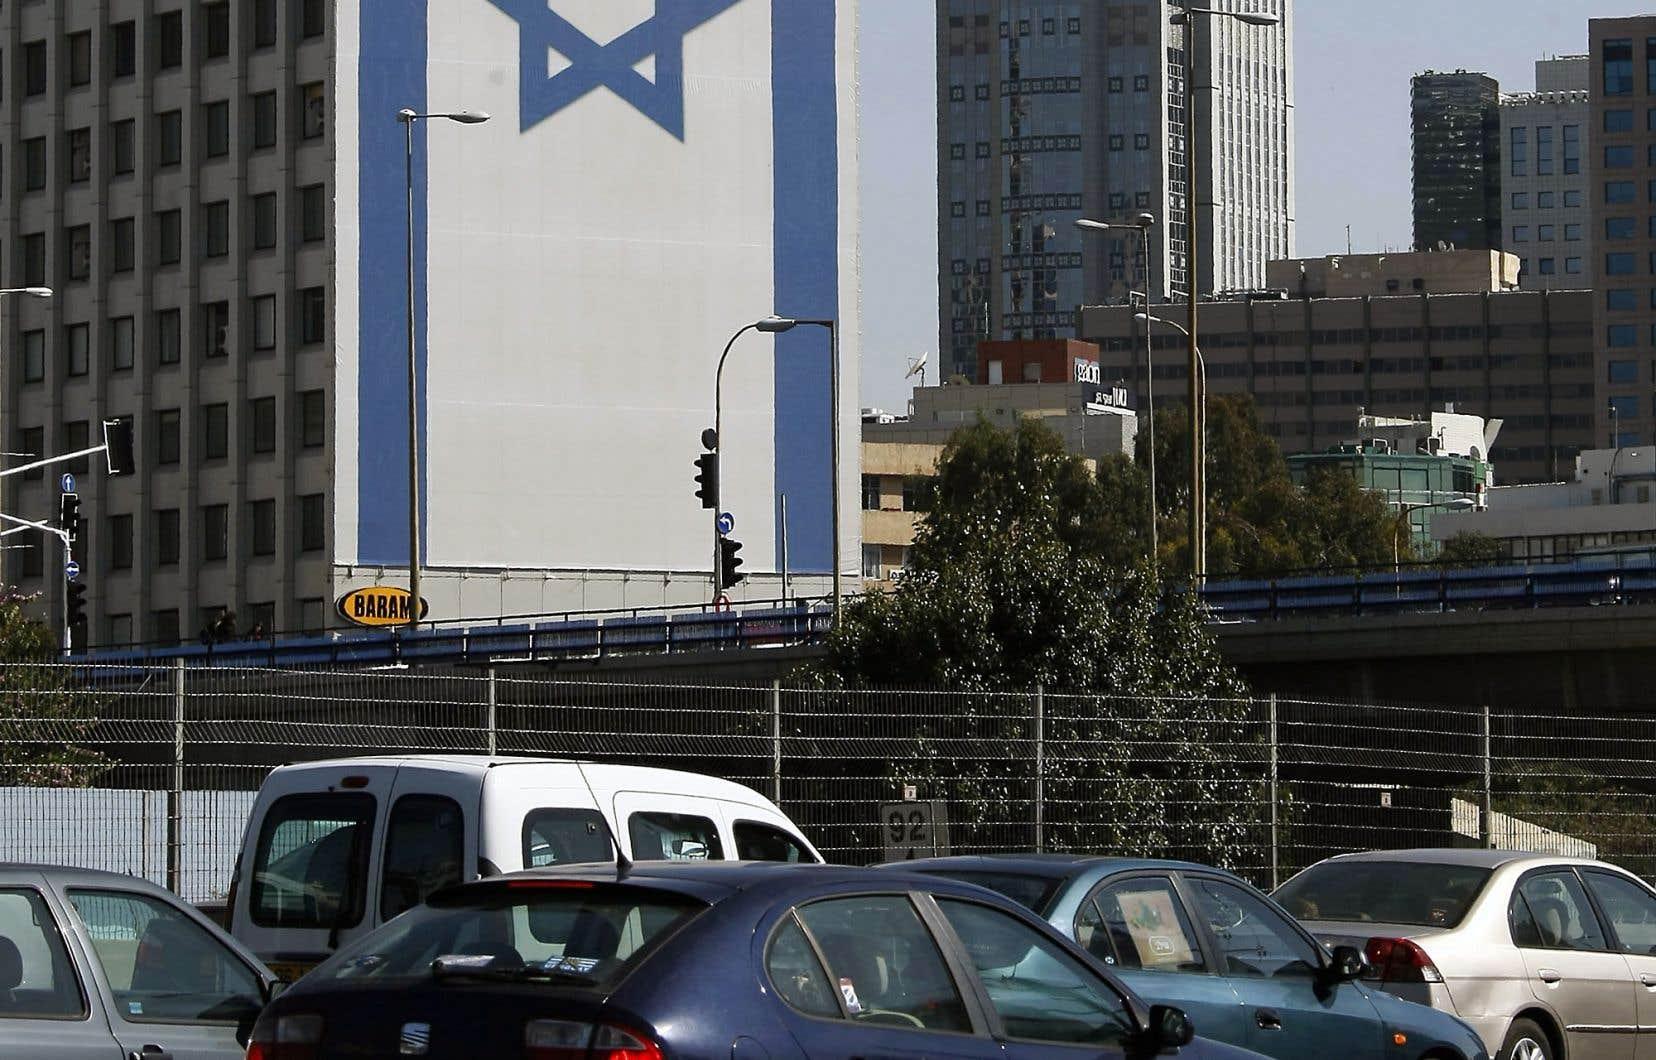 En milieu urbain israélien, le nombre d'accrochages a baissé de plus de 20% au cours des six derniers mois par rapport aux statistiques enregistrées à pareille date l'an passé.